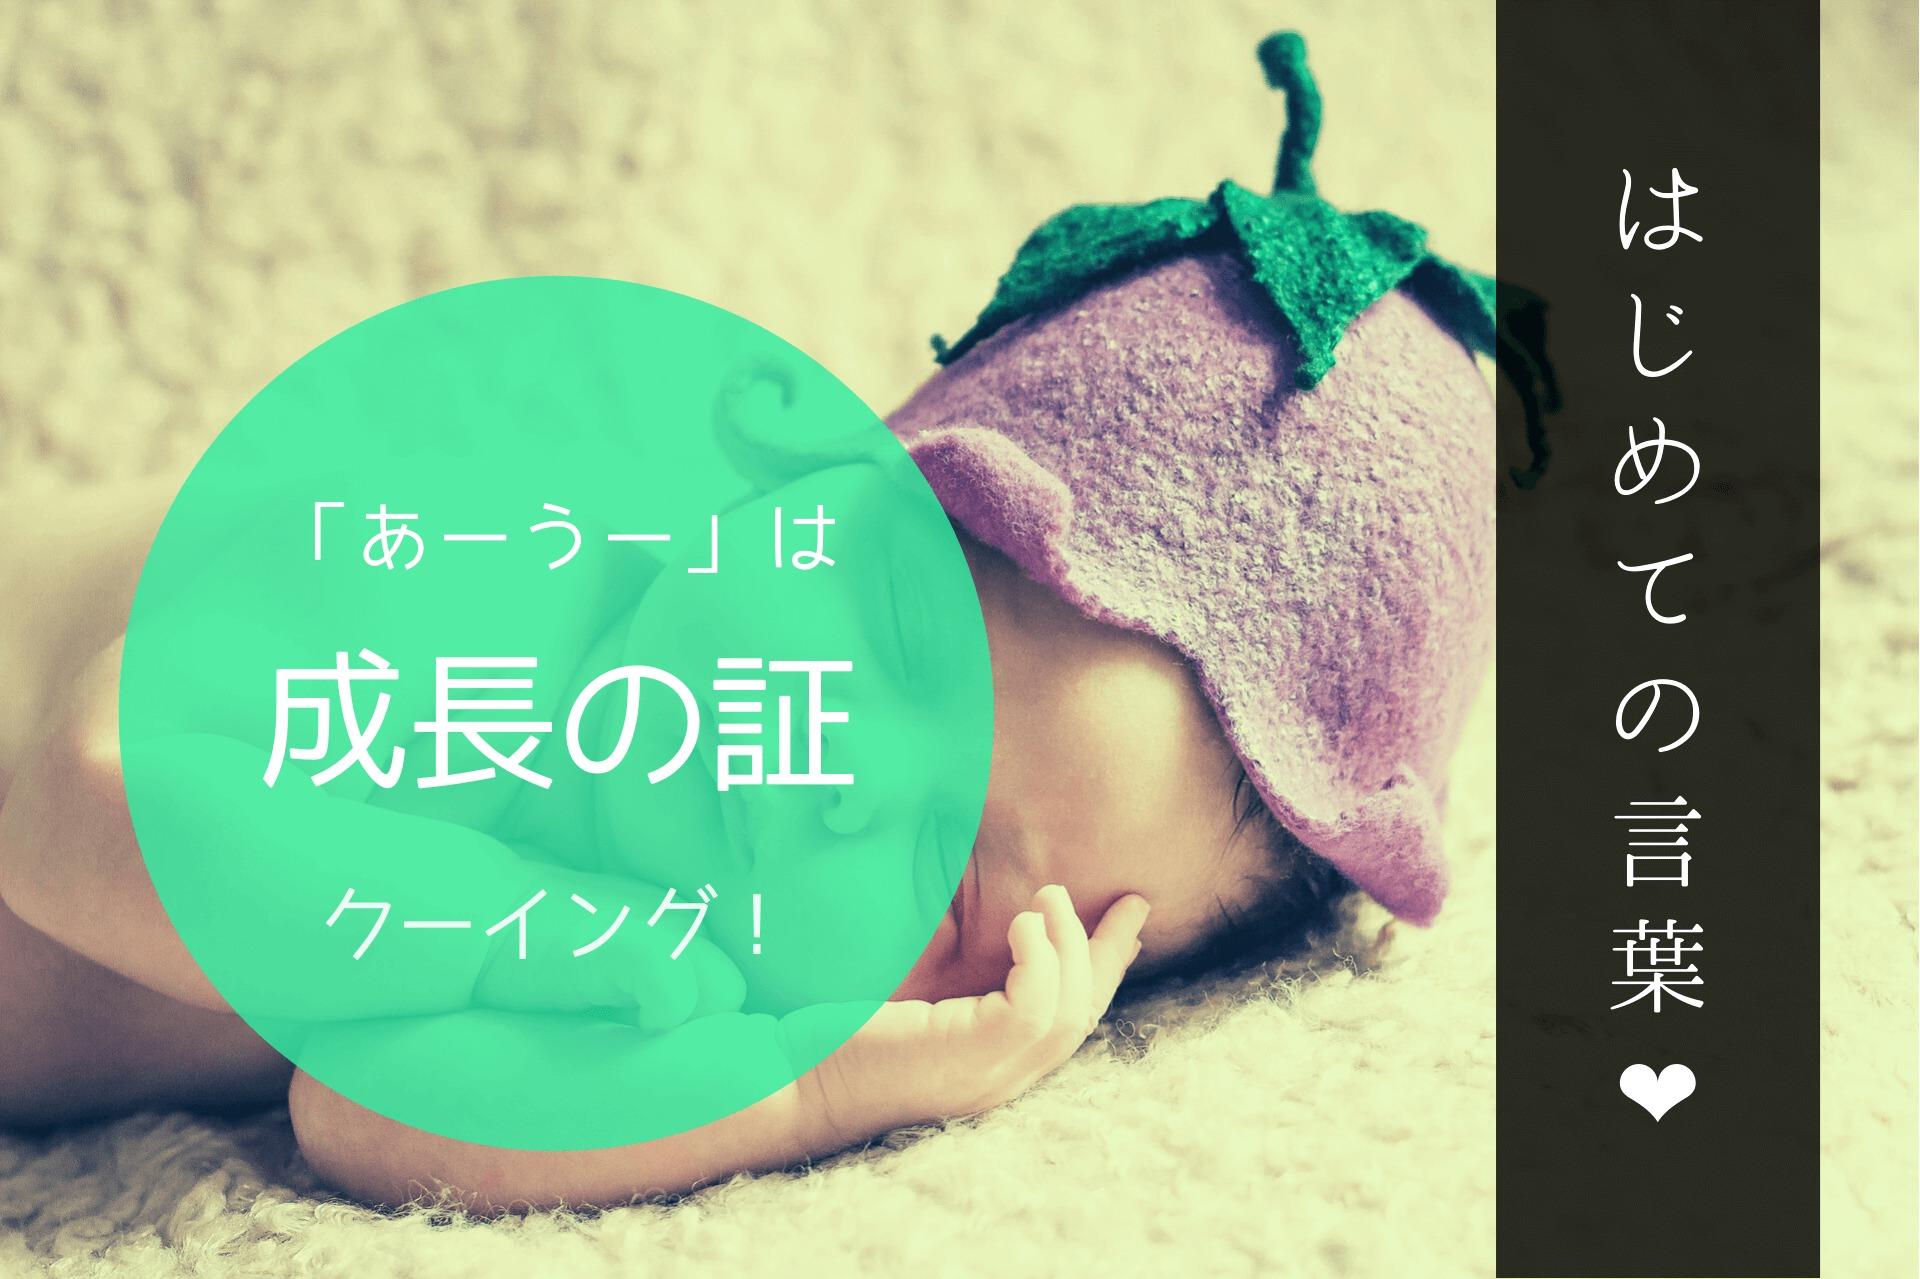 赤ちゃんのはじめての言葉はあ〜う〜?生後1ヶ月でクーイング